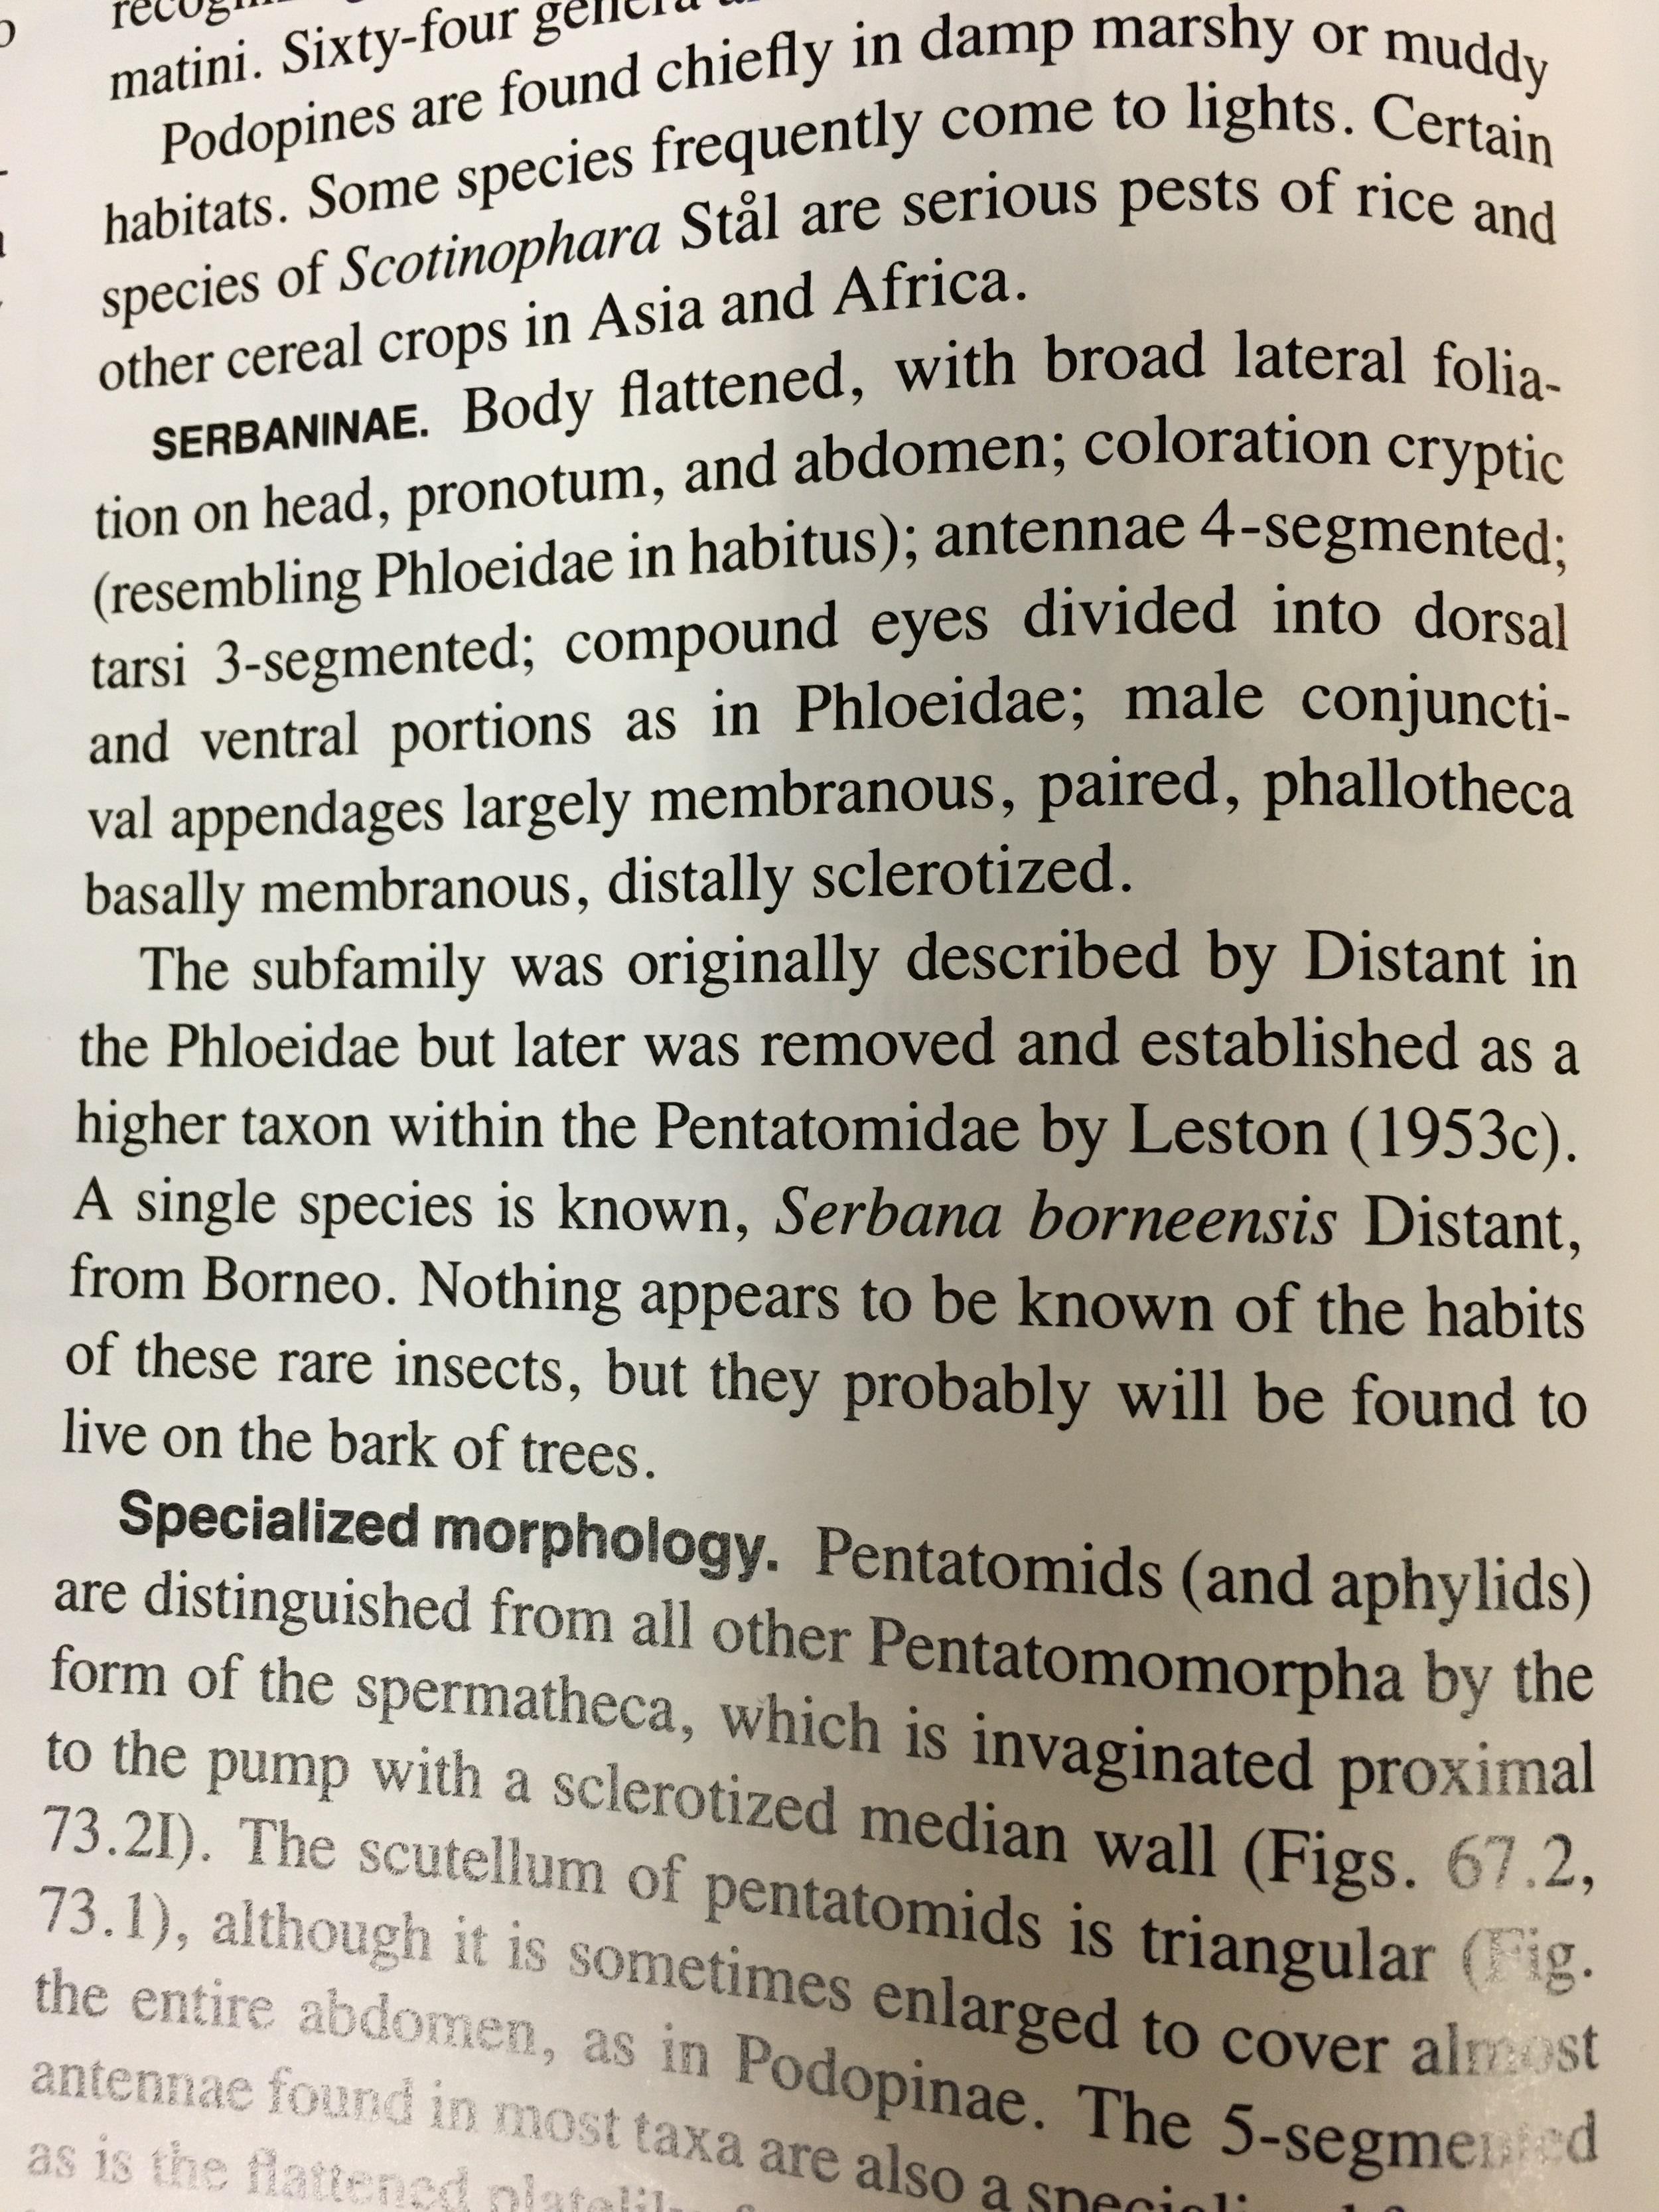 Excerpt from True Bugs of the World (Hemitpera:Heteroptera)